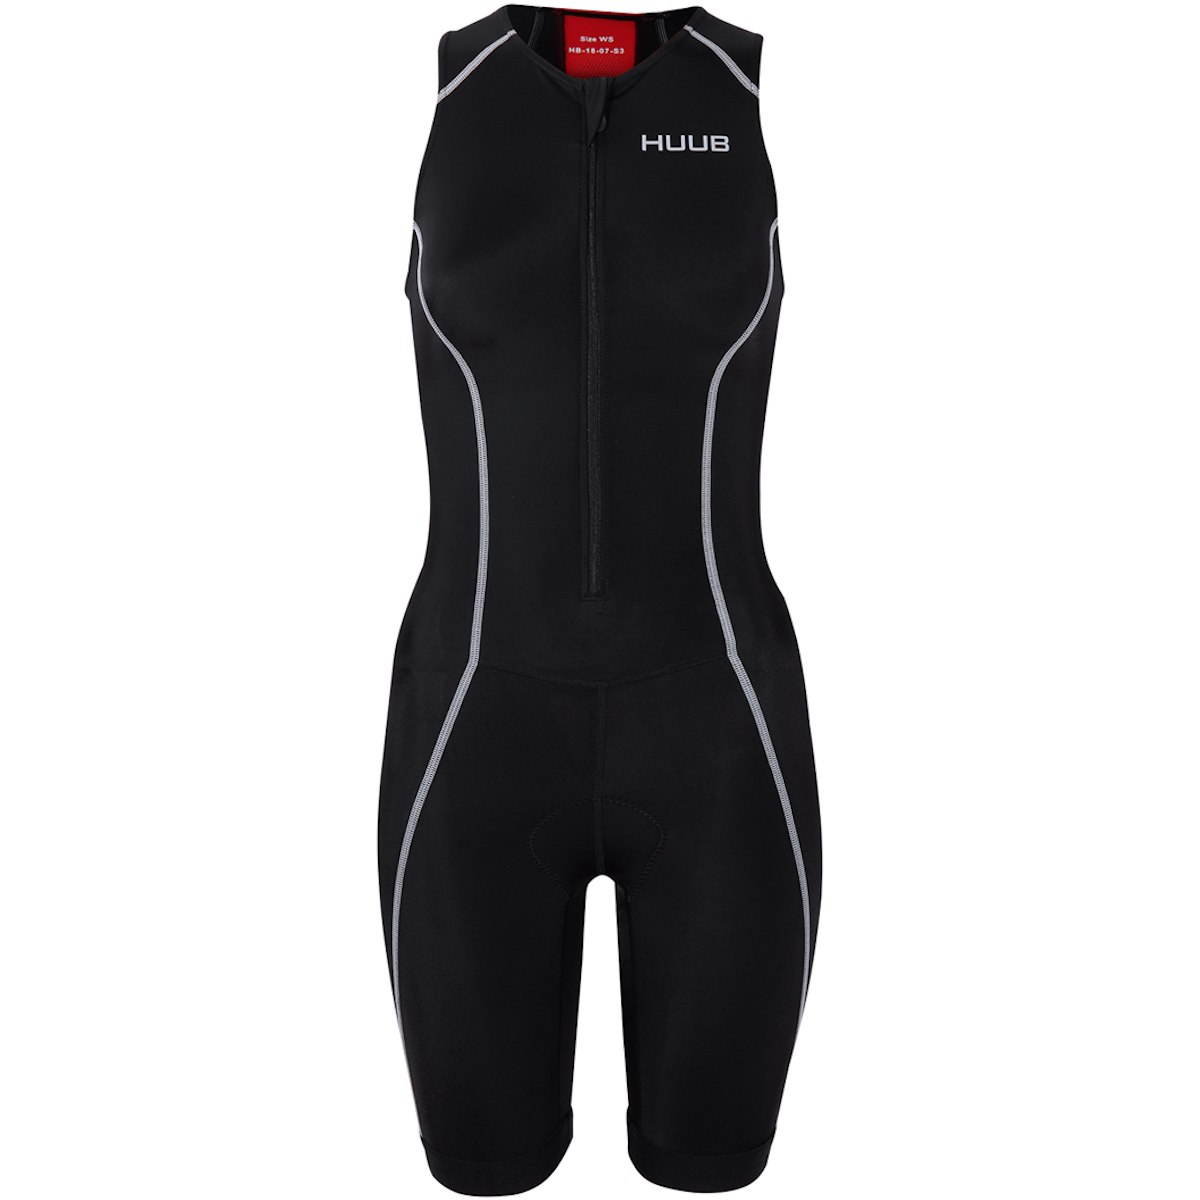 Produktbild von HUUB Design Essential Damen Trisuit - schwarz/rot